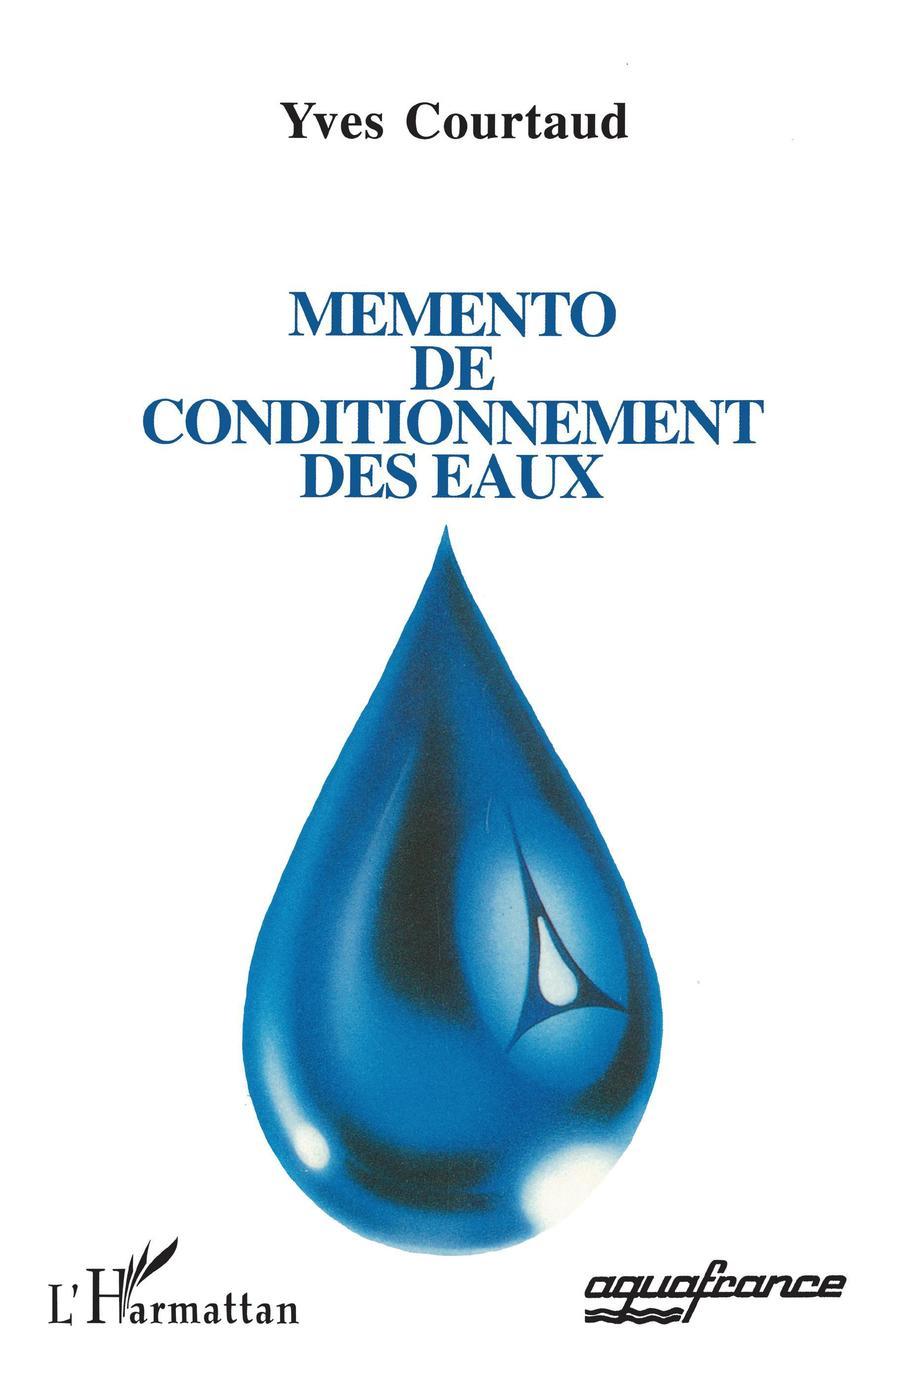 Memento de conditionnement des eaux - Yves Courtaud